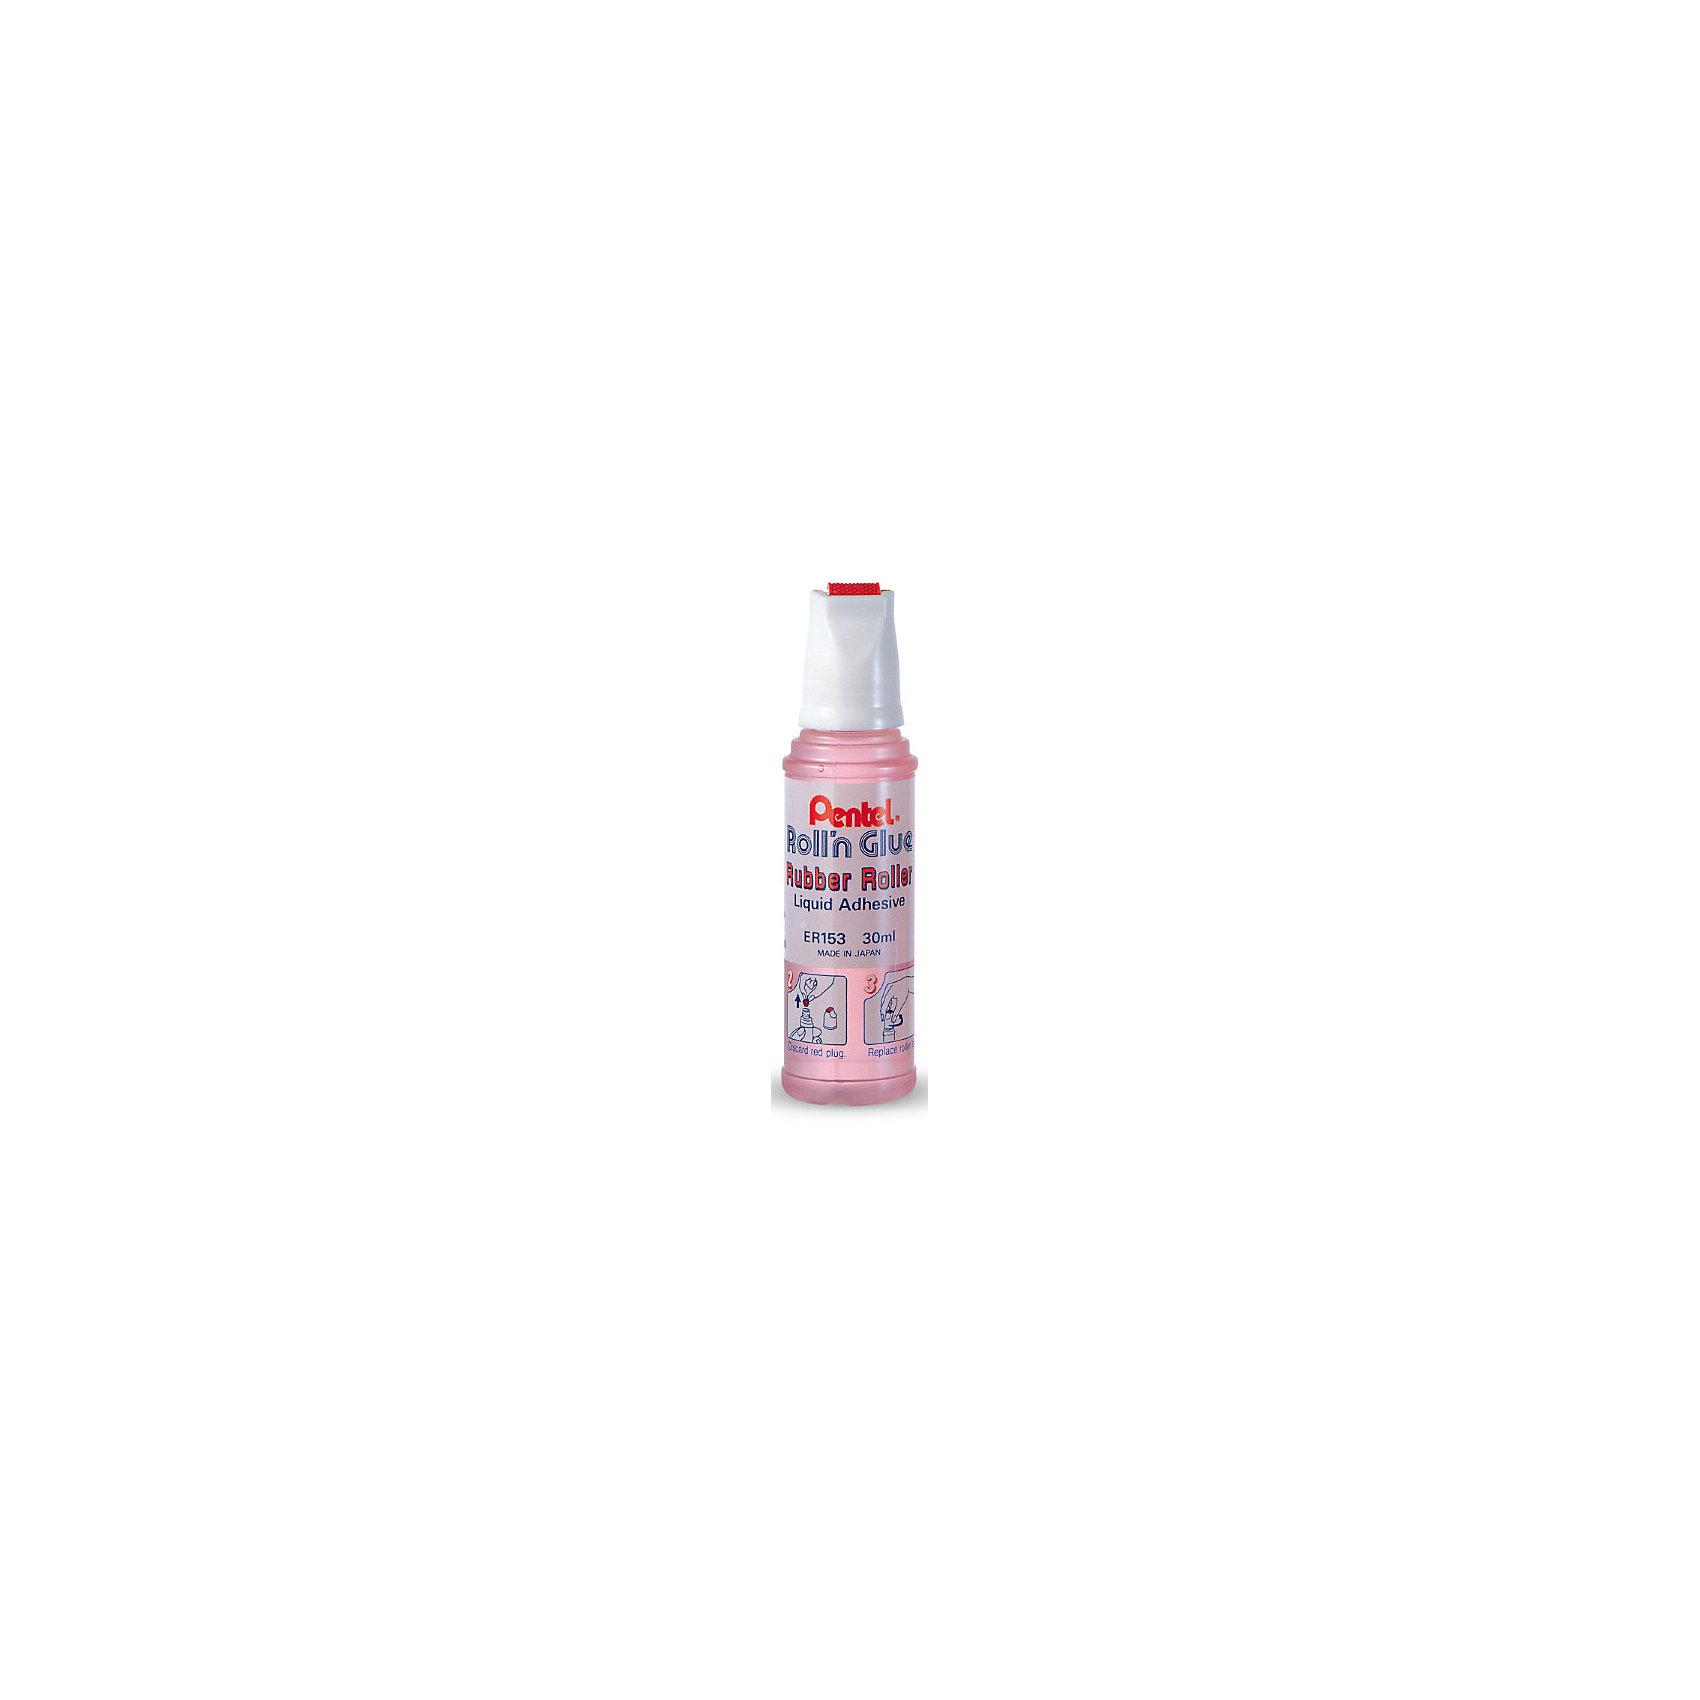 Клей роликовый ROLLN GLUE розовый корпус в блистере PentelШкольные аксессуары<br>Характеристики:<br><br>• возраст: от 6 лет<br>• объем: 30 мл.<br>• ширина клеевой линии: 1 см.<br>• вид аппликатора: роллер<br>• материал корпуса: пластик<br>• цвет корпуса: розовый<br>• упаковка: блистер<br><br>Клей «Rolln Glue» прекрасно подходит для бумаги, картона, ткани. Не желтеет, не деформирует поверхность. Рифленый ролик равномерно подает клей. Без запаха, не токсичен.<br><br>Клей роликовый ROLLN GLUE розовый корпус в блистере Pentel (Пентел) можно купить в нашем интернет-магазине.<br><br>Ширина мм: 26<br>Глубина мм: 26<br>Высота мм: 100<br>Вес г: 56<br>Возраст от месяцев: 72<br>Возраст до месяцев: 2147483647<br>Пол: Женский<br>Возраст: Детский<br>SKU: 7010449